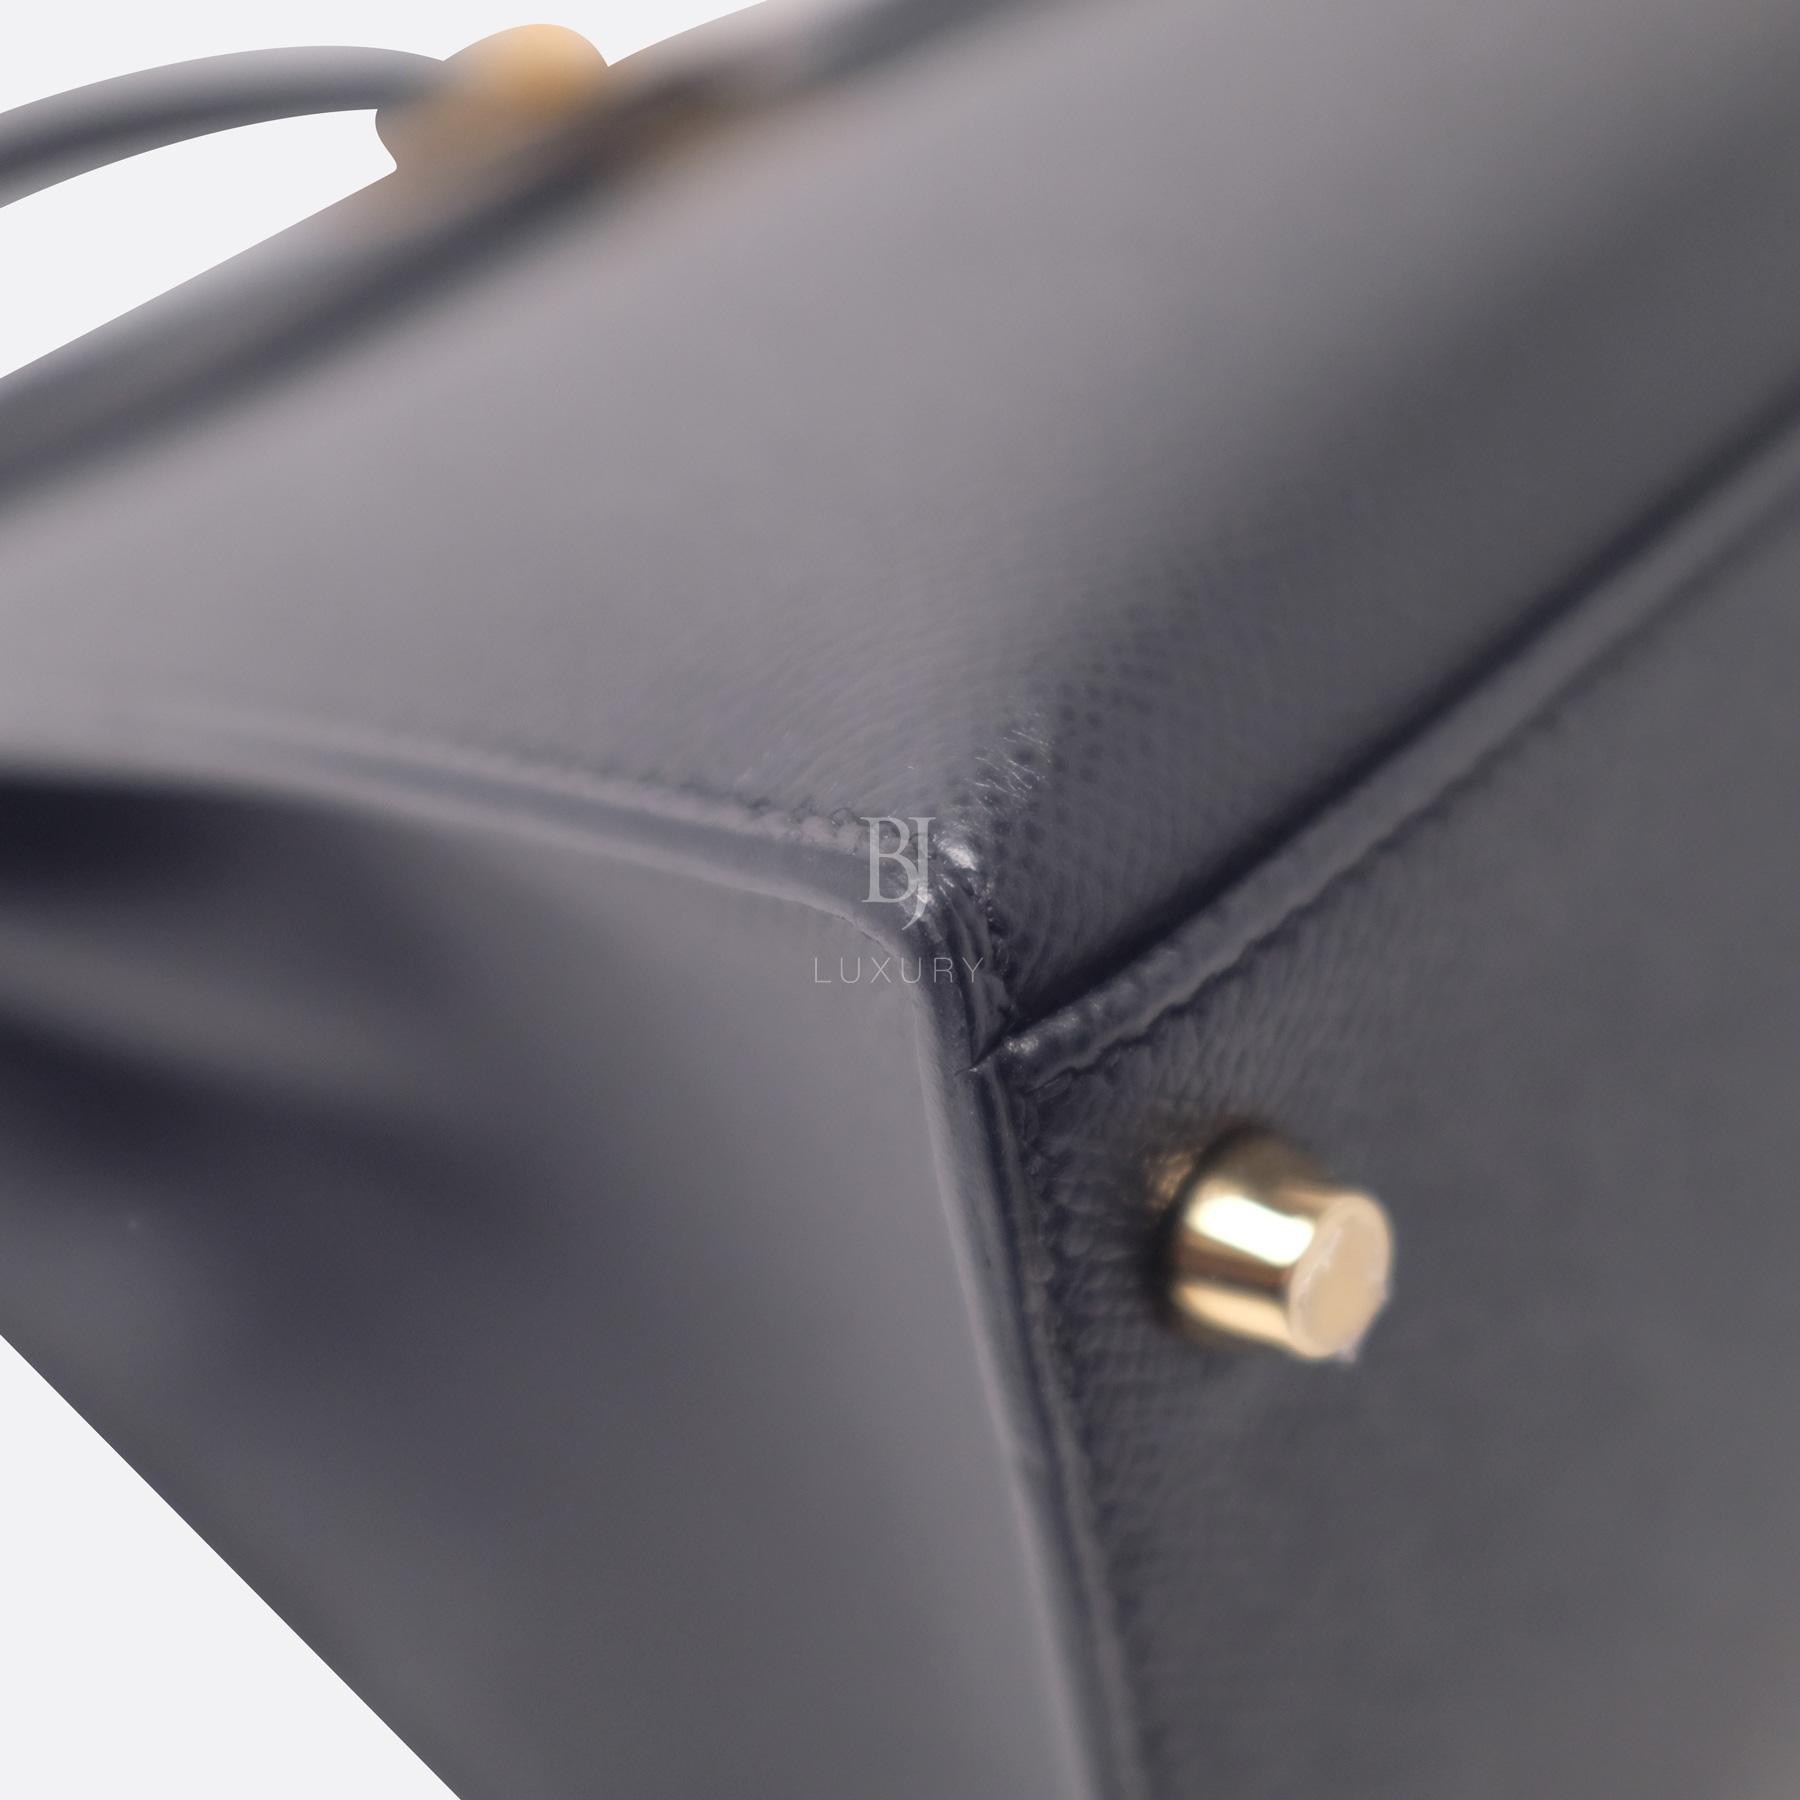 Hermes Kelly Sellier 28 Black Epsom Gold BJ Luxury 16.jpg